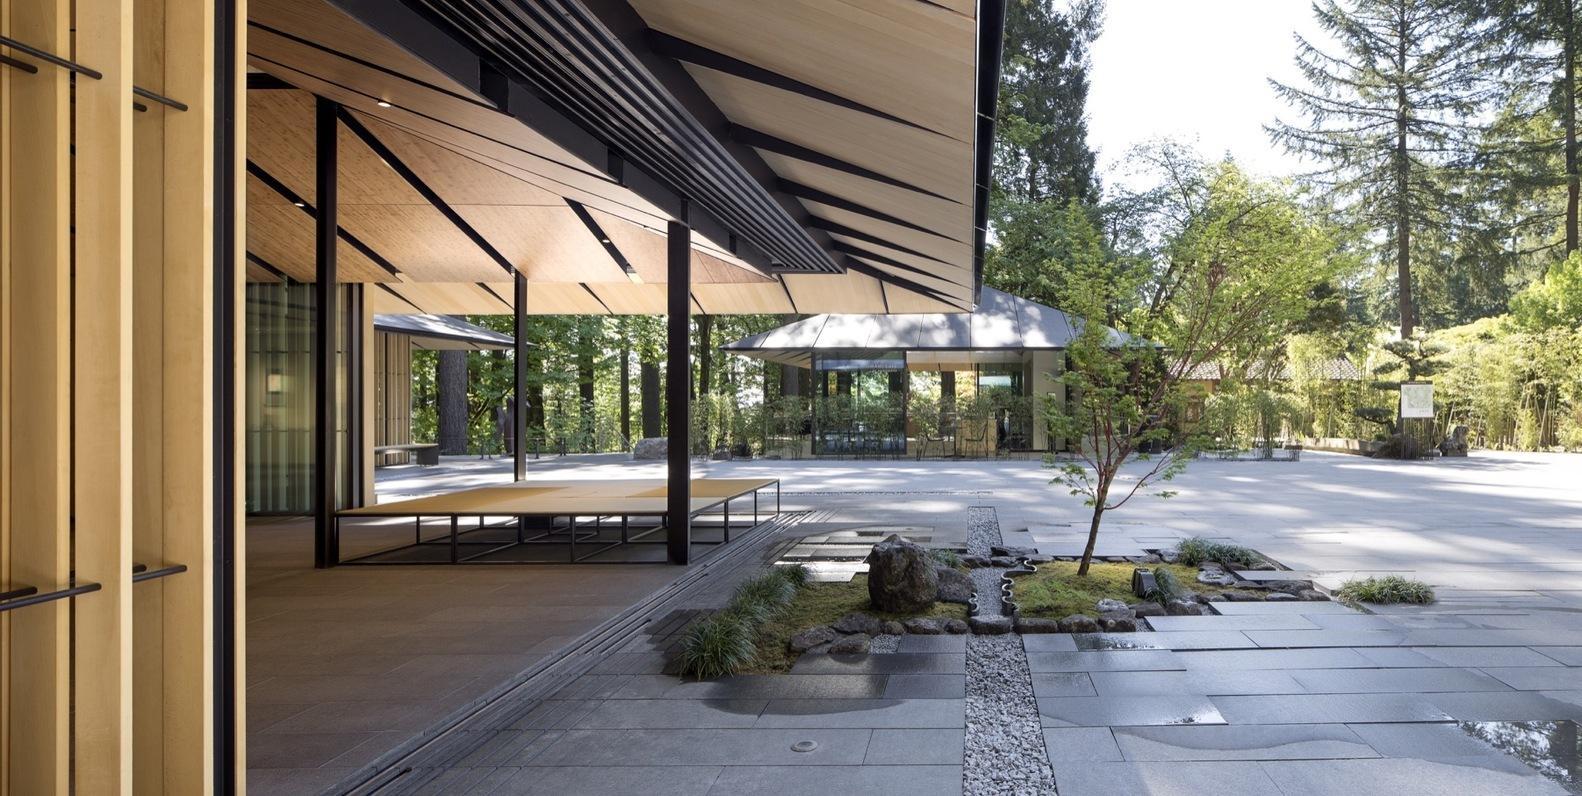 Courtyard culture,中日庭院文化,essay代写,作业代写,代写